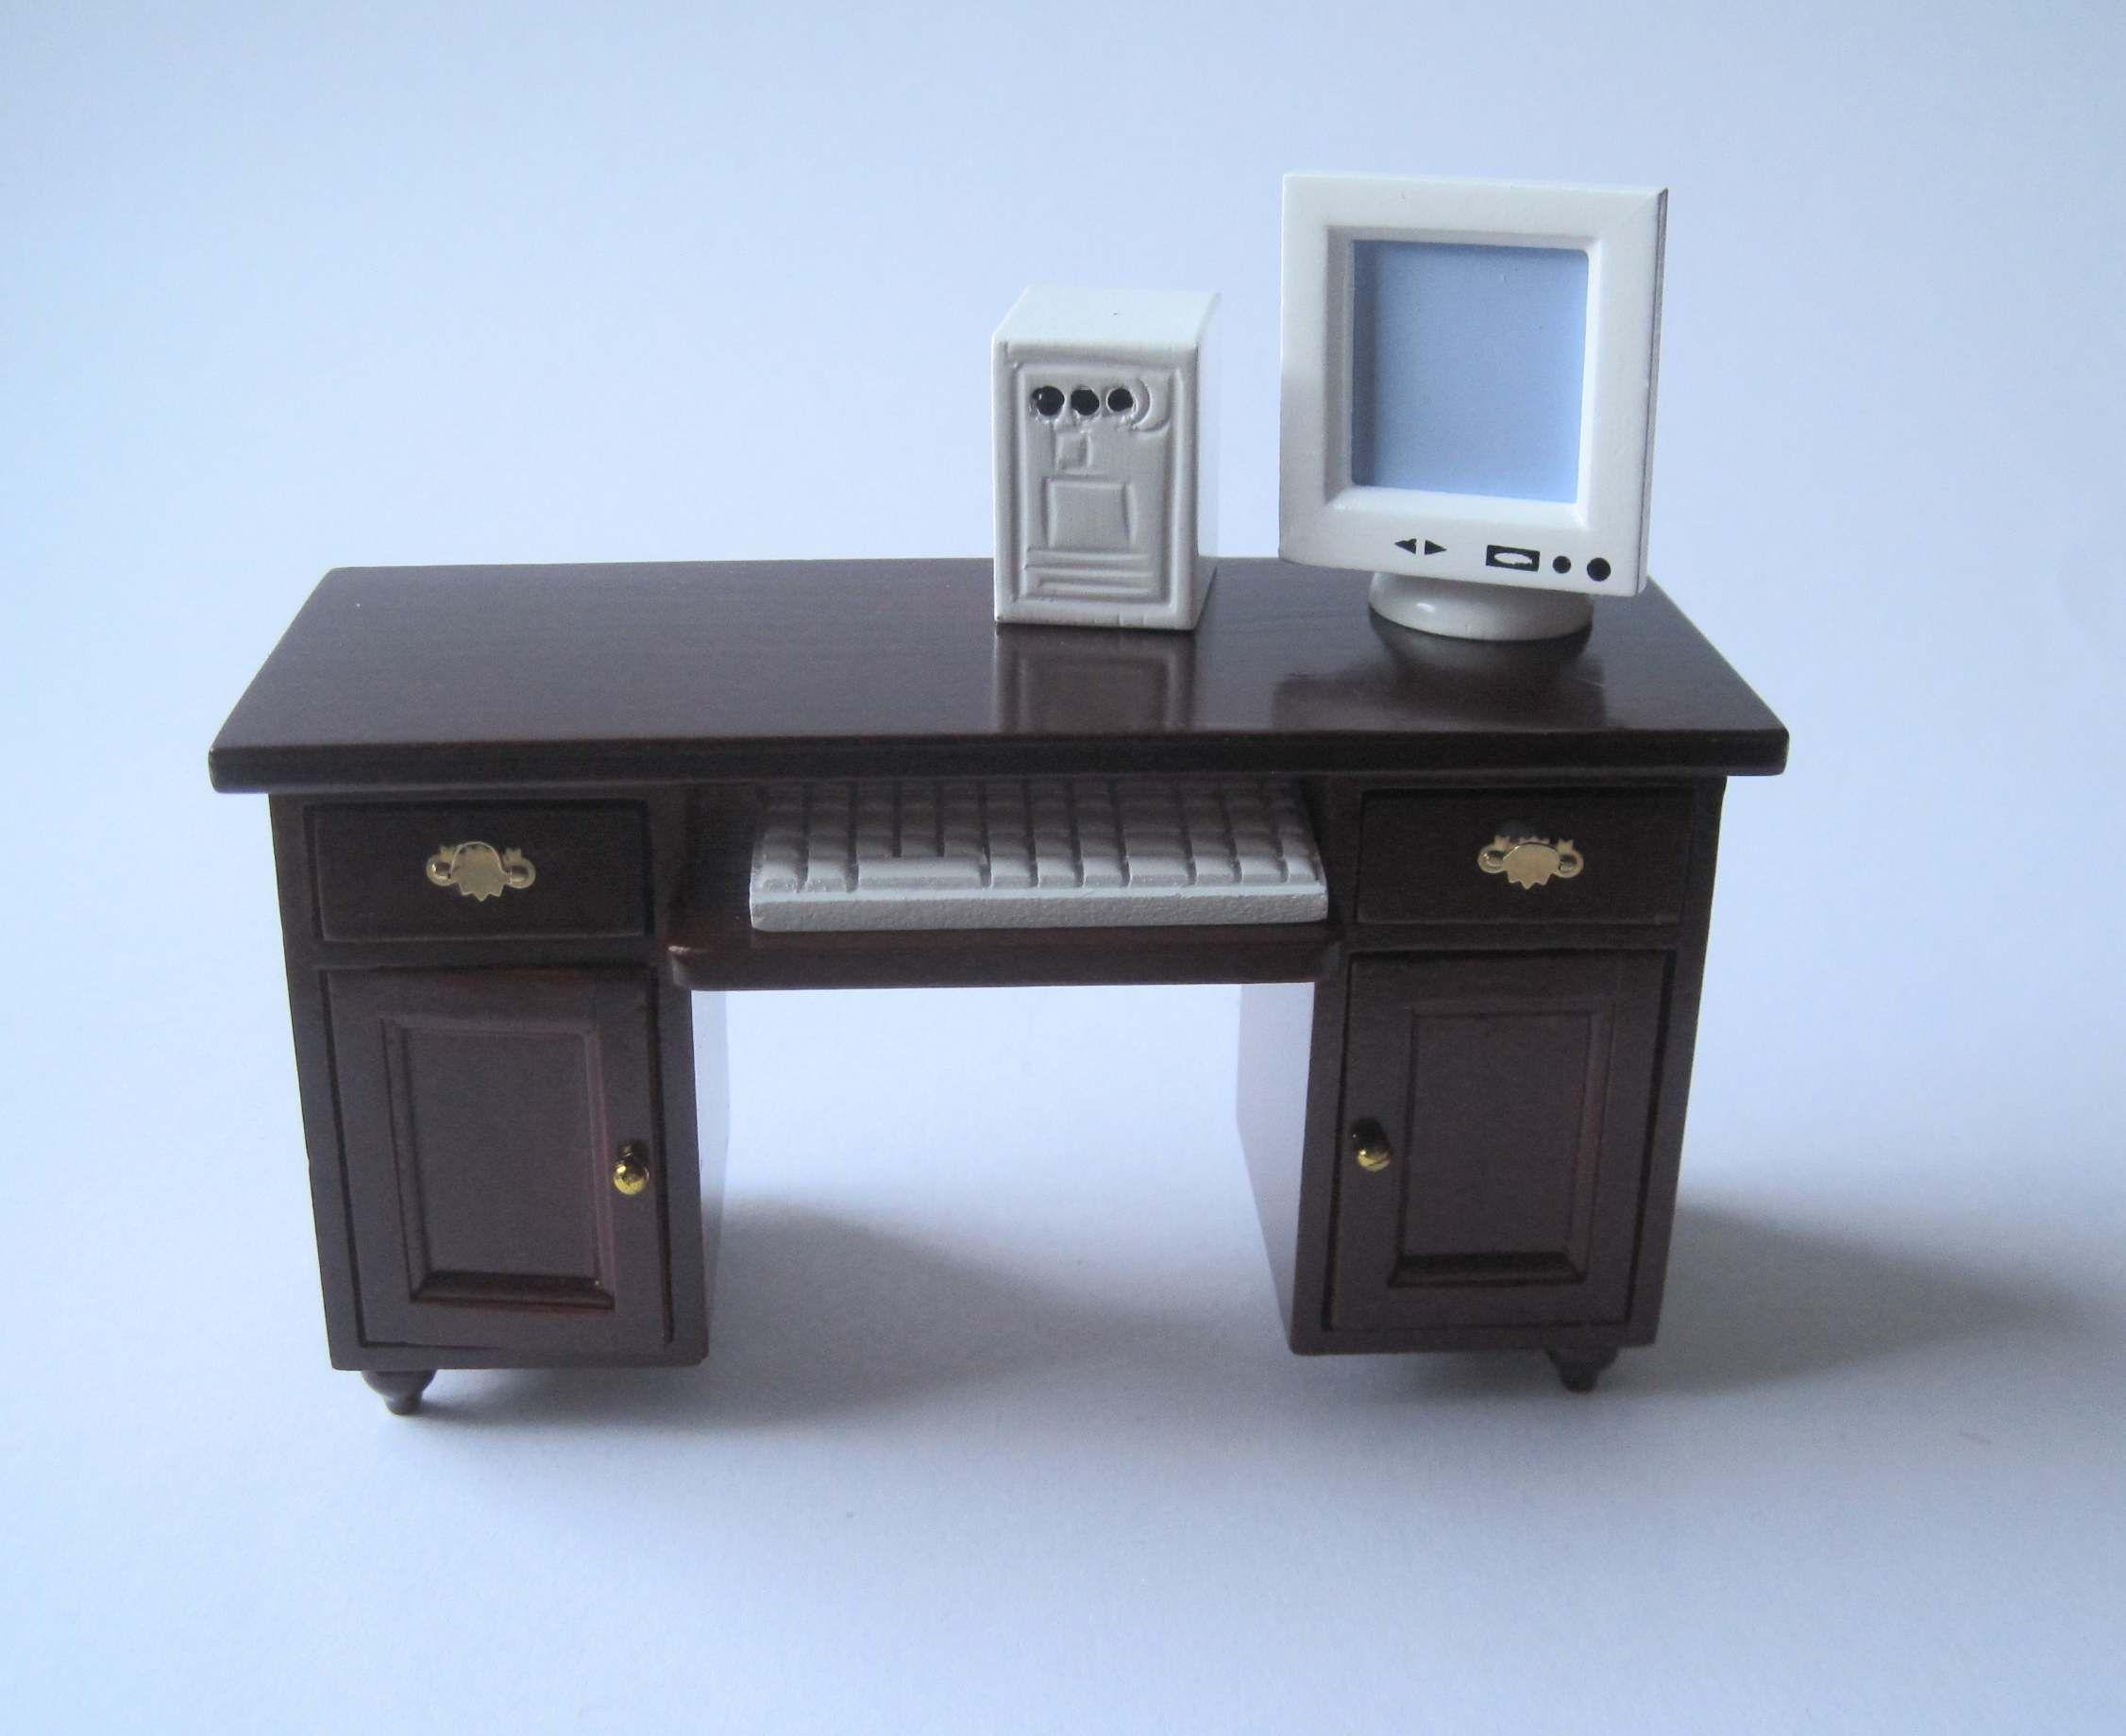 wohnzimmer computer abzukühlen bild der ffaaafcfab